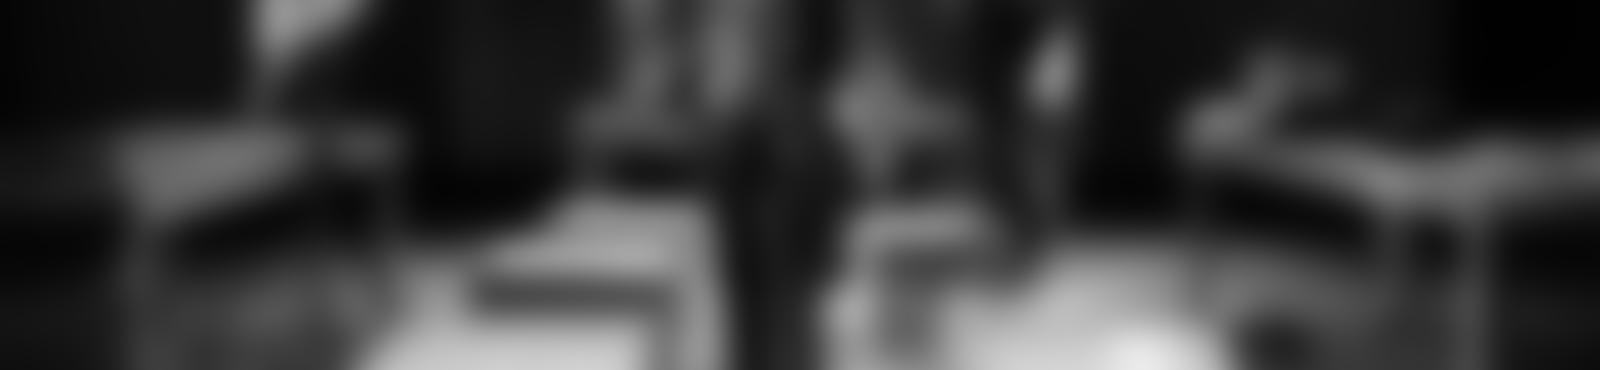 Blurred 8f746775 69fa 4a5f b703 00a125dd52c2